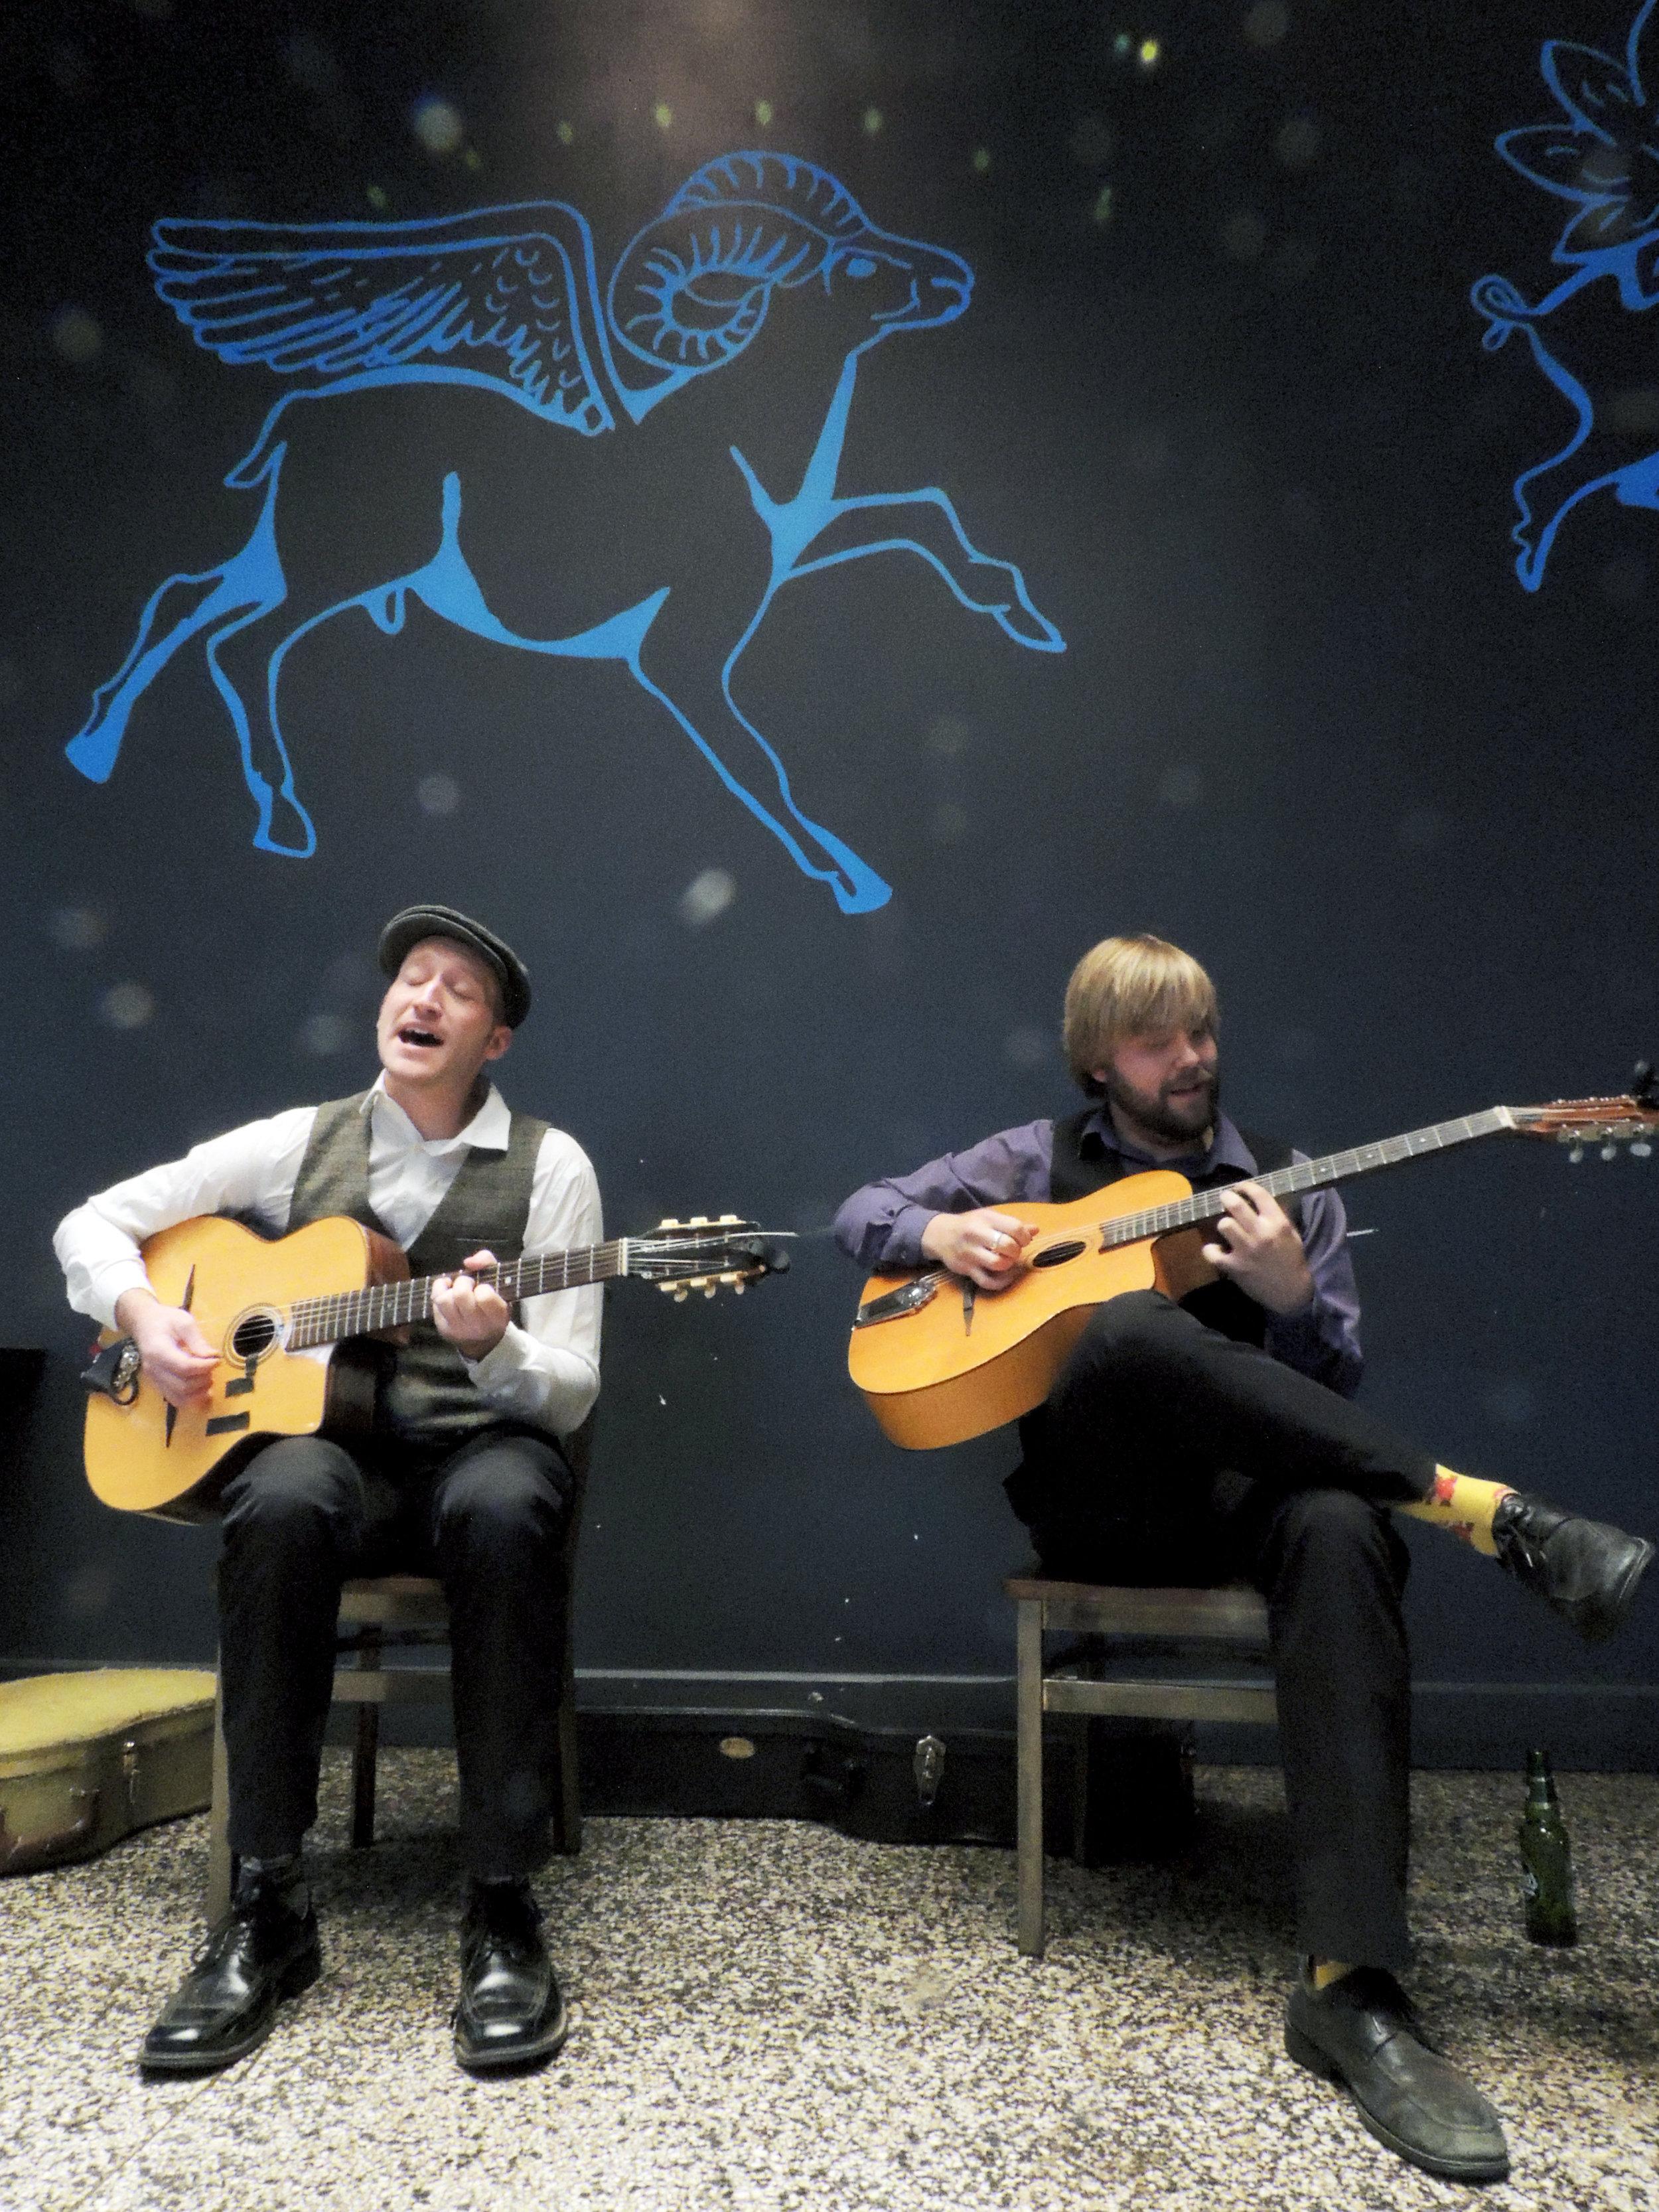 The_Naughty_Greek_Live_Music_Thursdays_Daniel_Patrick_Rosen_Duo_Acoustic.jpg